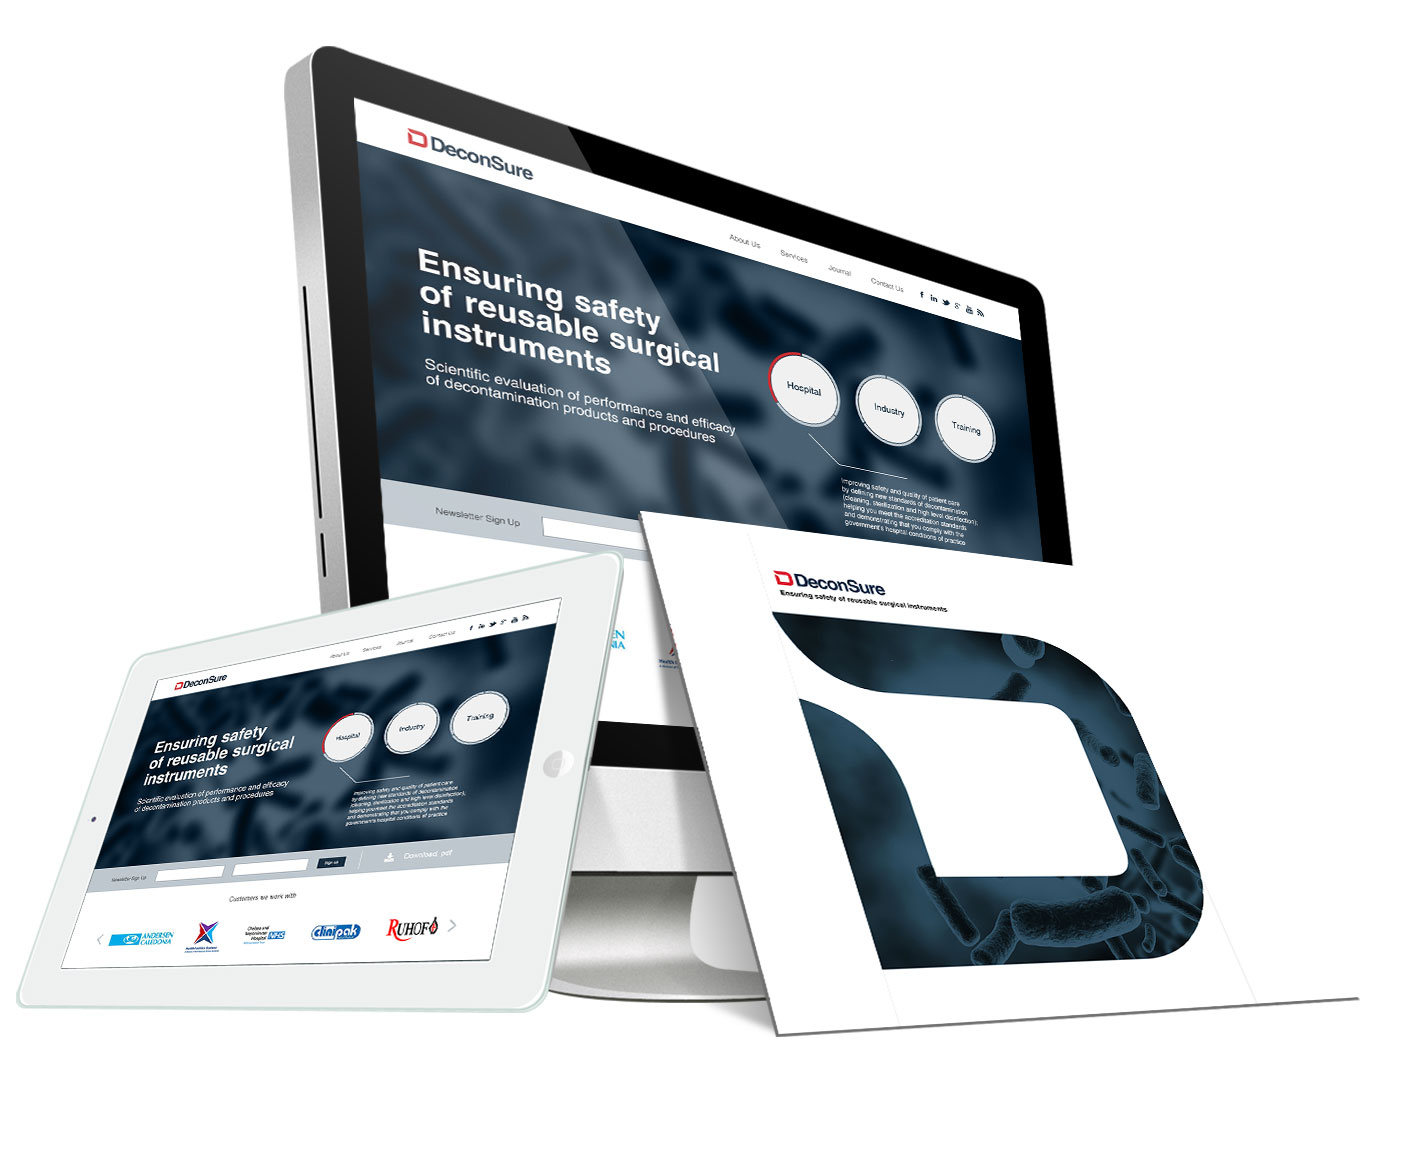 st-albans-web-design